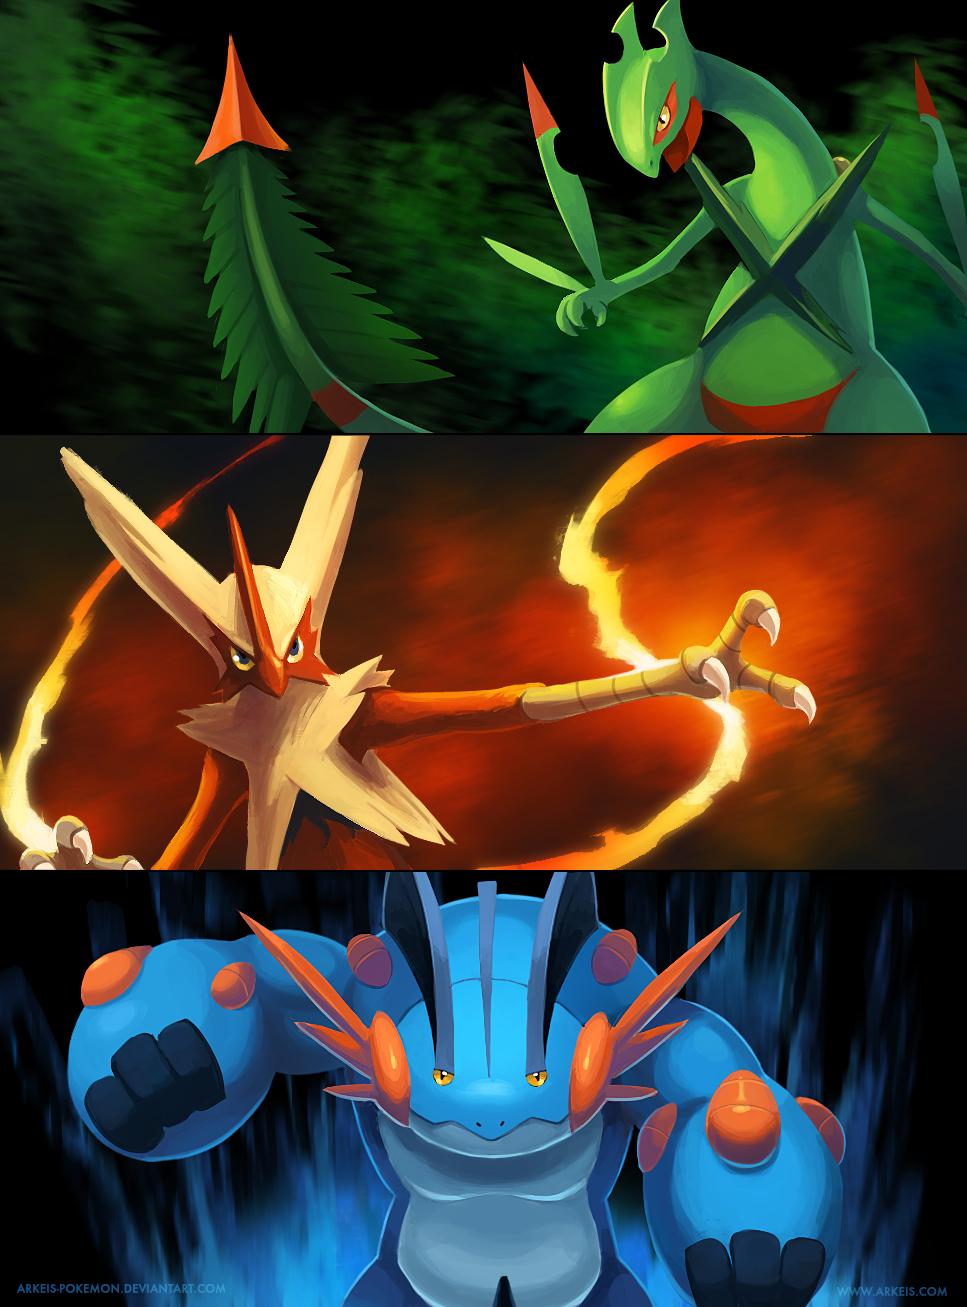 Mega Hoenn Starters by arkeis-pokemon